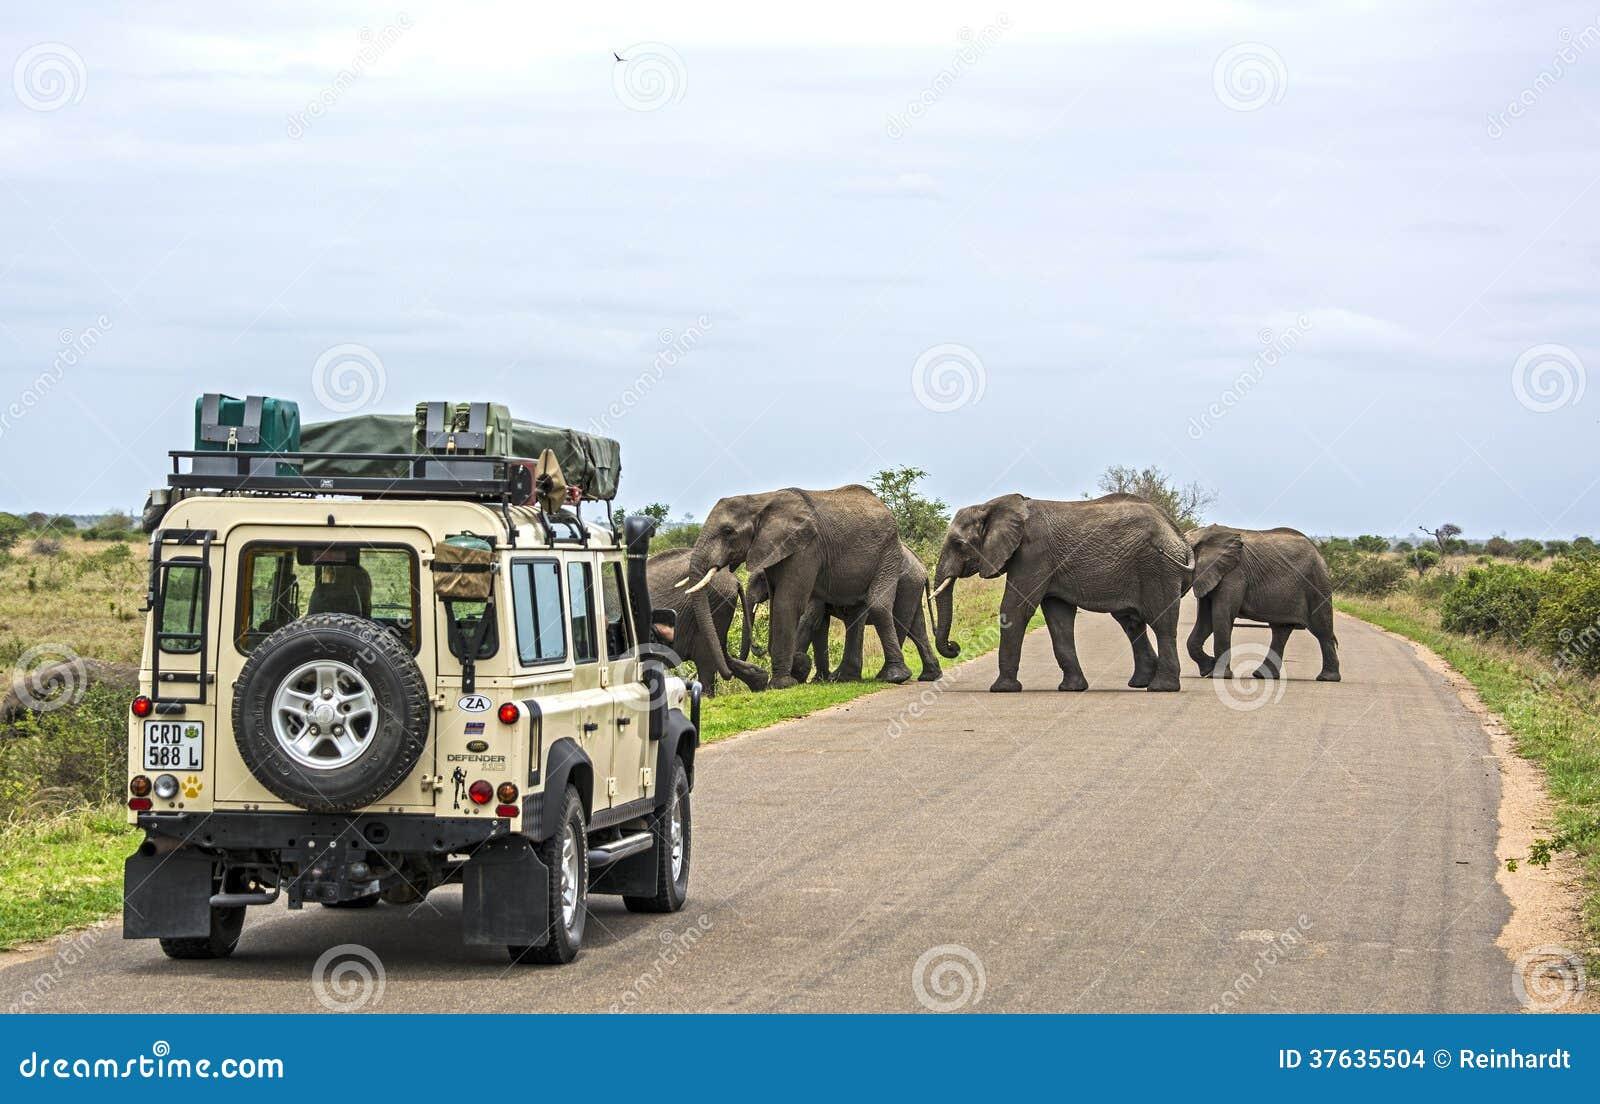 Na safari w Afryka